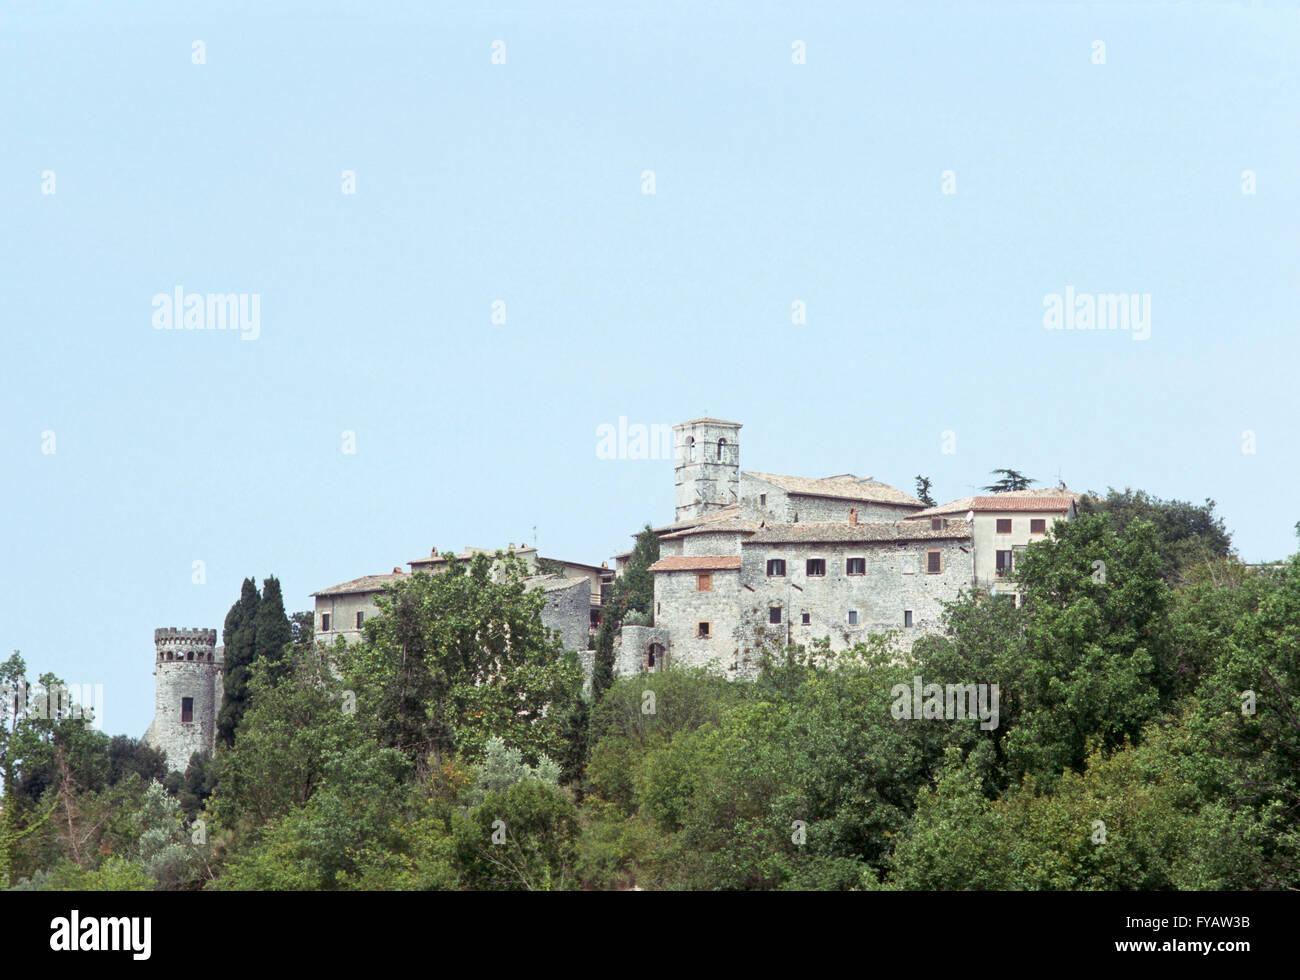 Panorama of Labro in the Italian province of Rieti Lazio - Stock Image